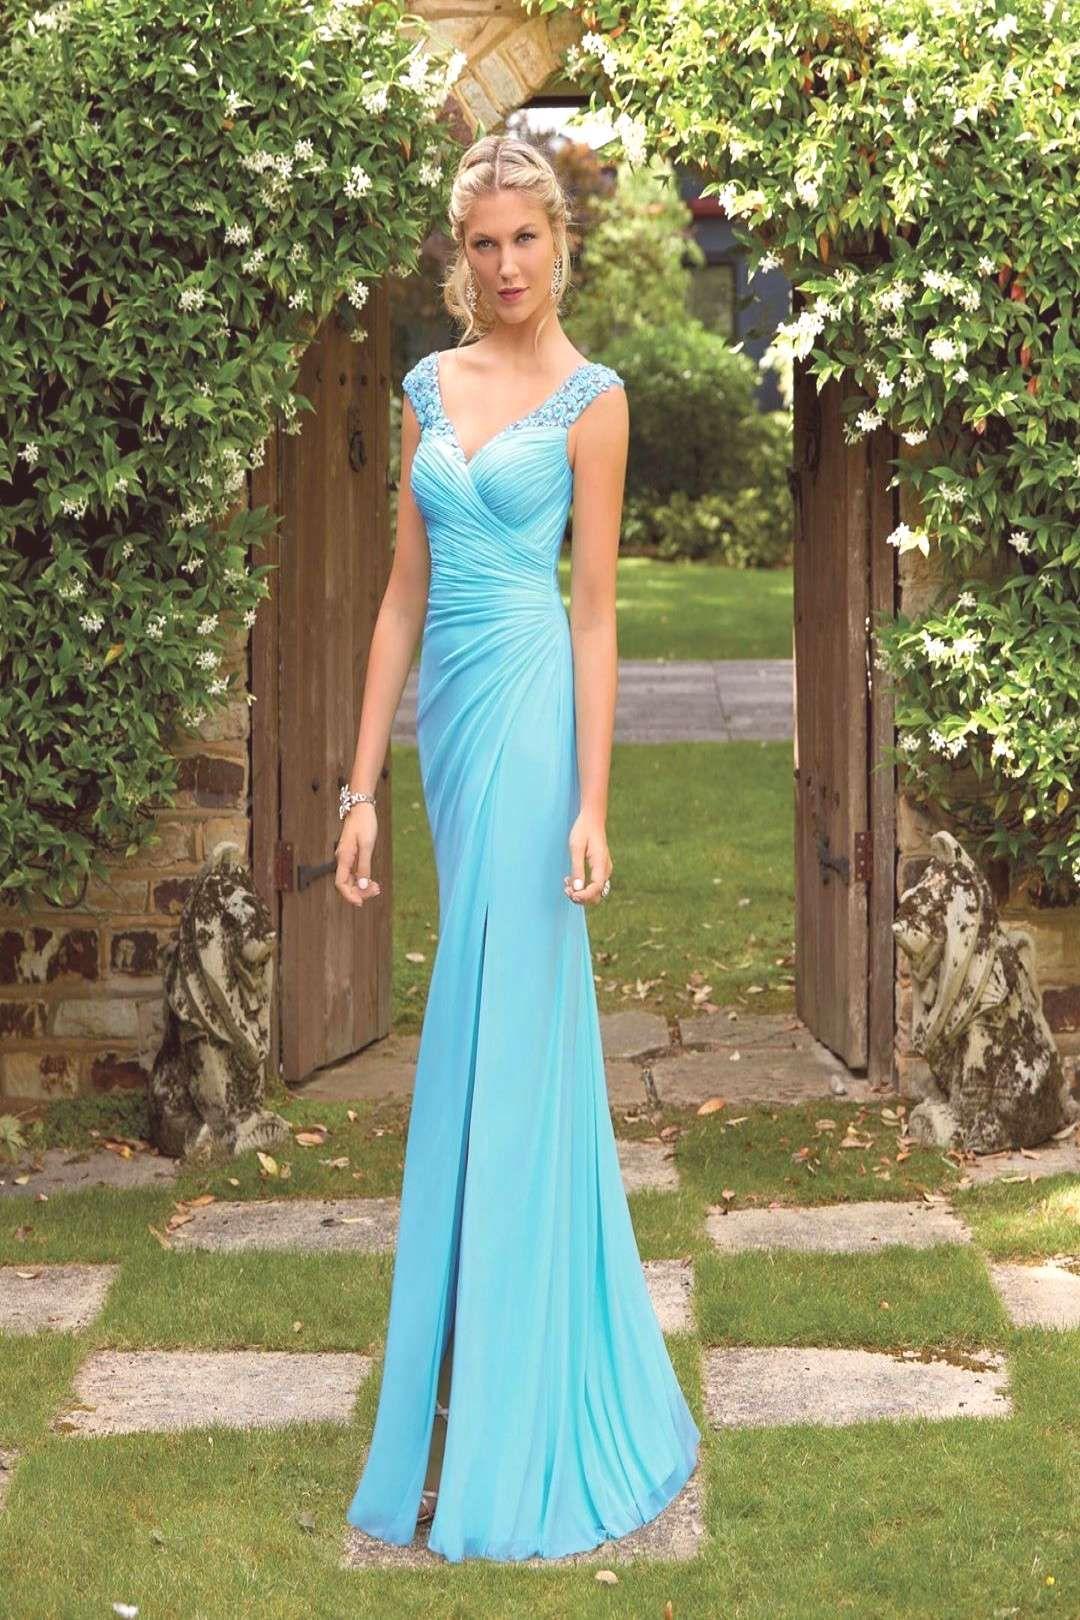 Quattro outfit perfetti per un matrimonio allaperto Via Antonio OYou can find Garden wedding